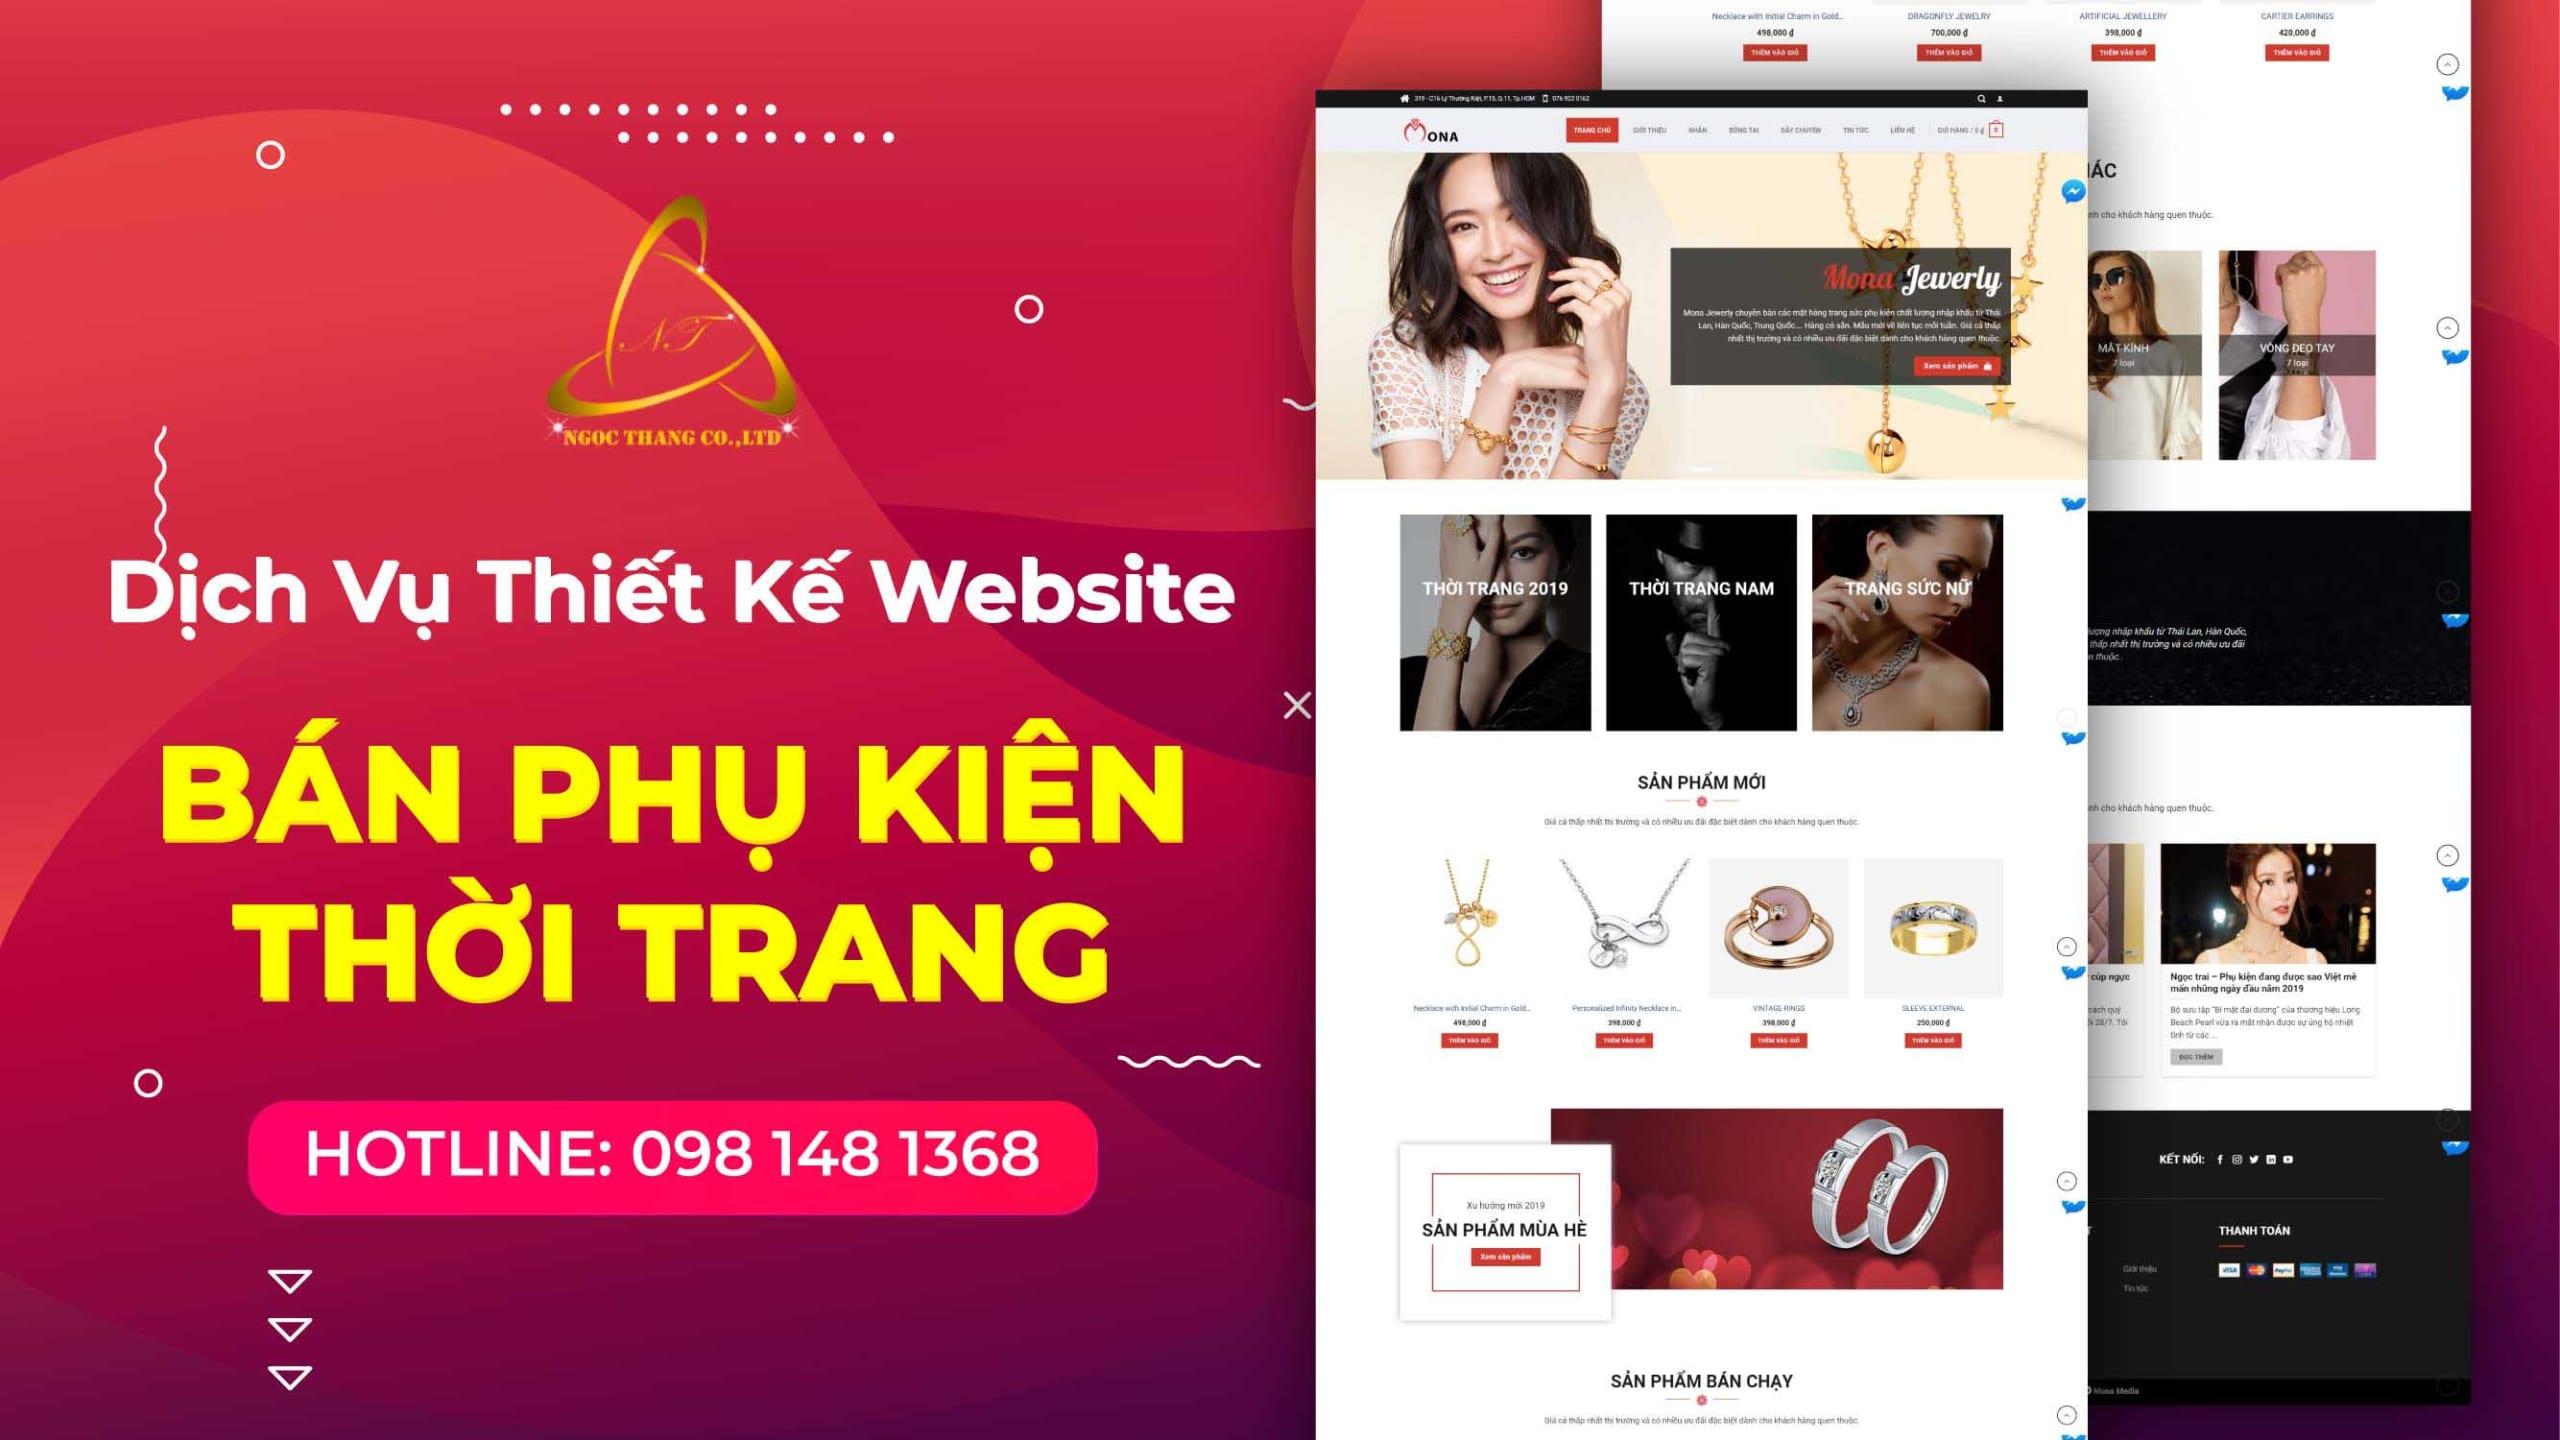 thiết kế website bán phụ kiện thời trang